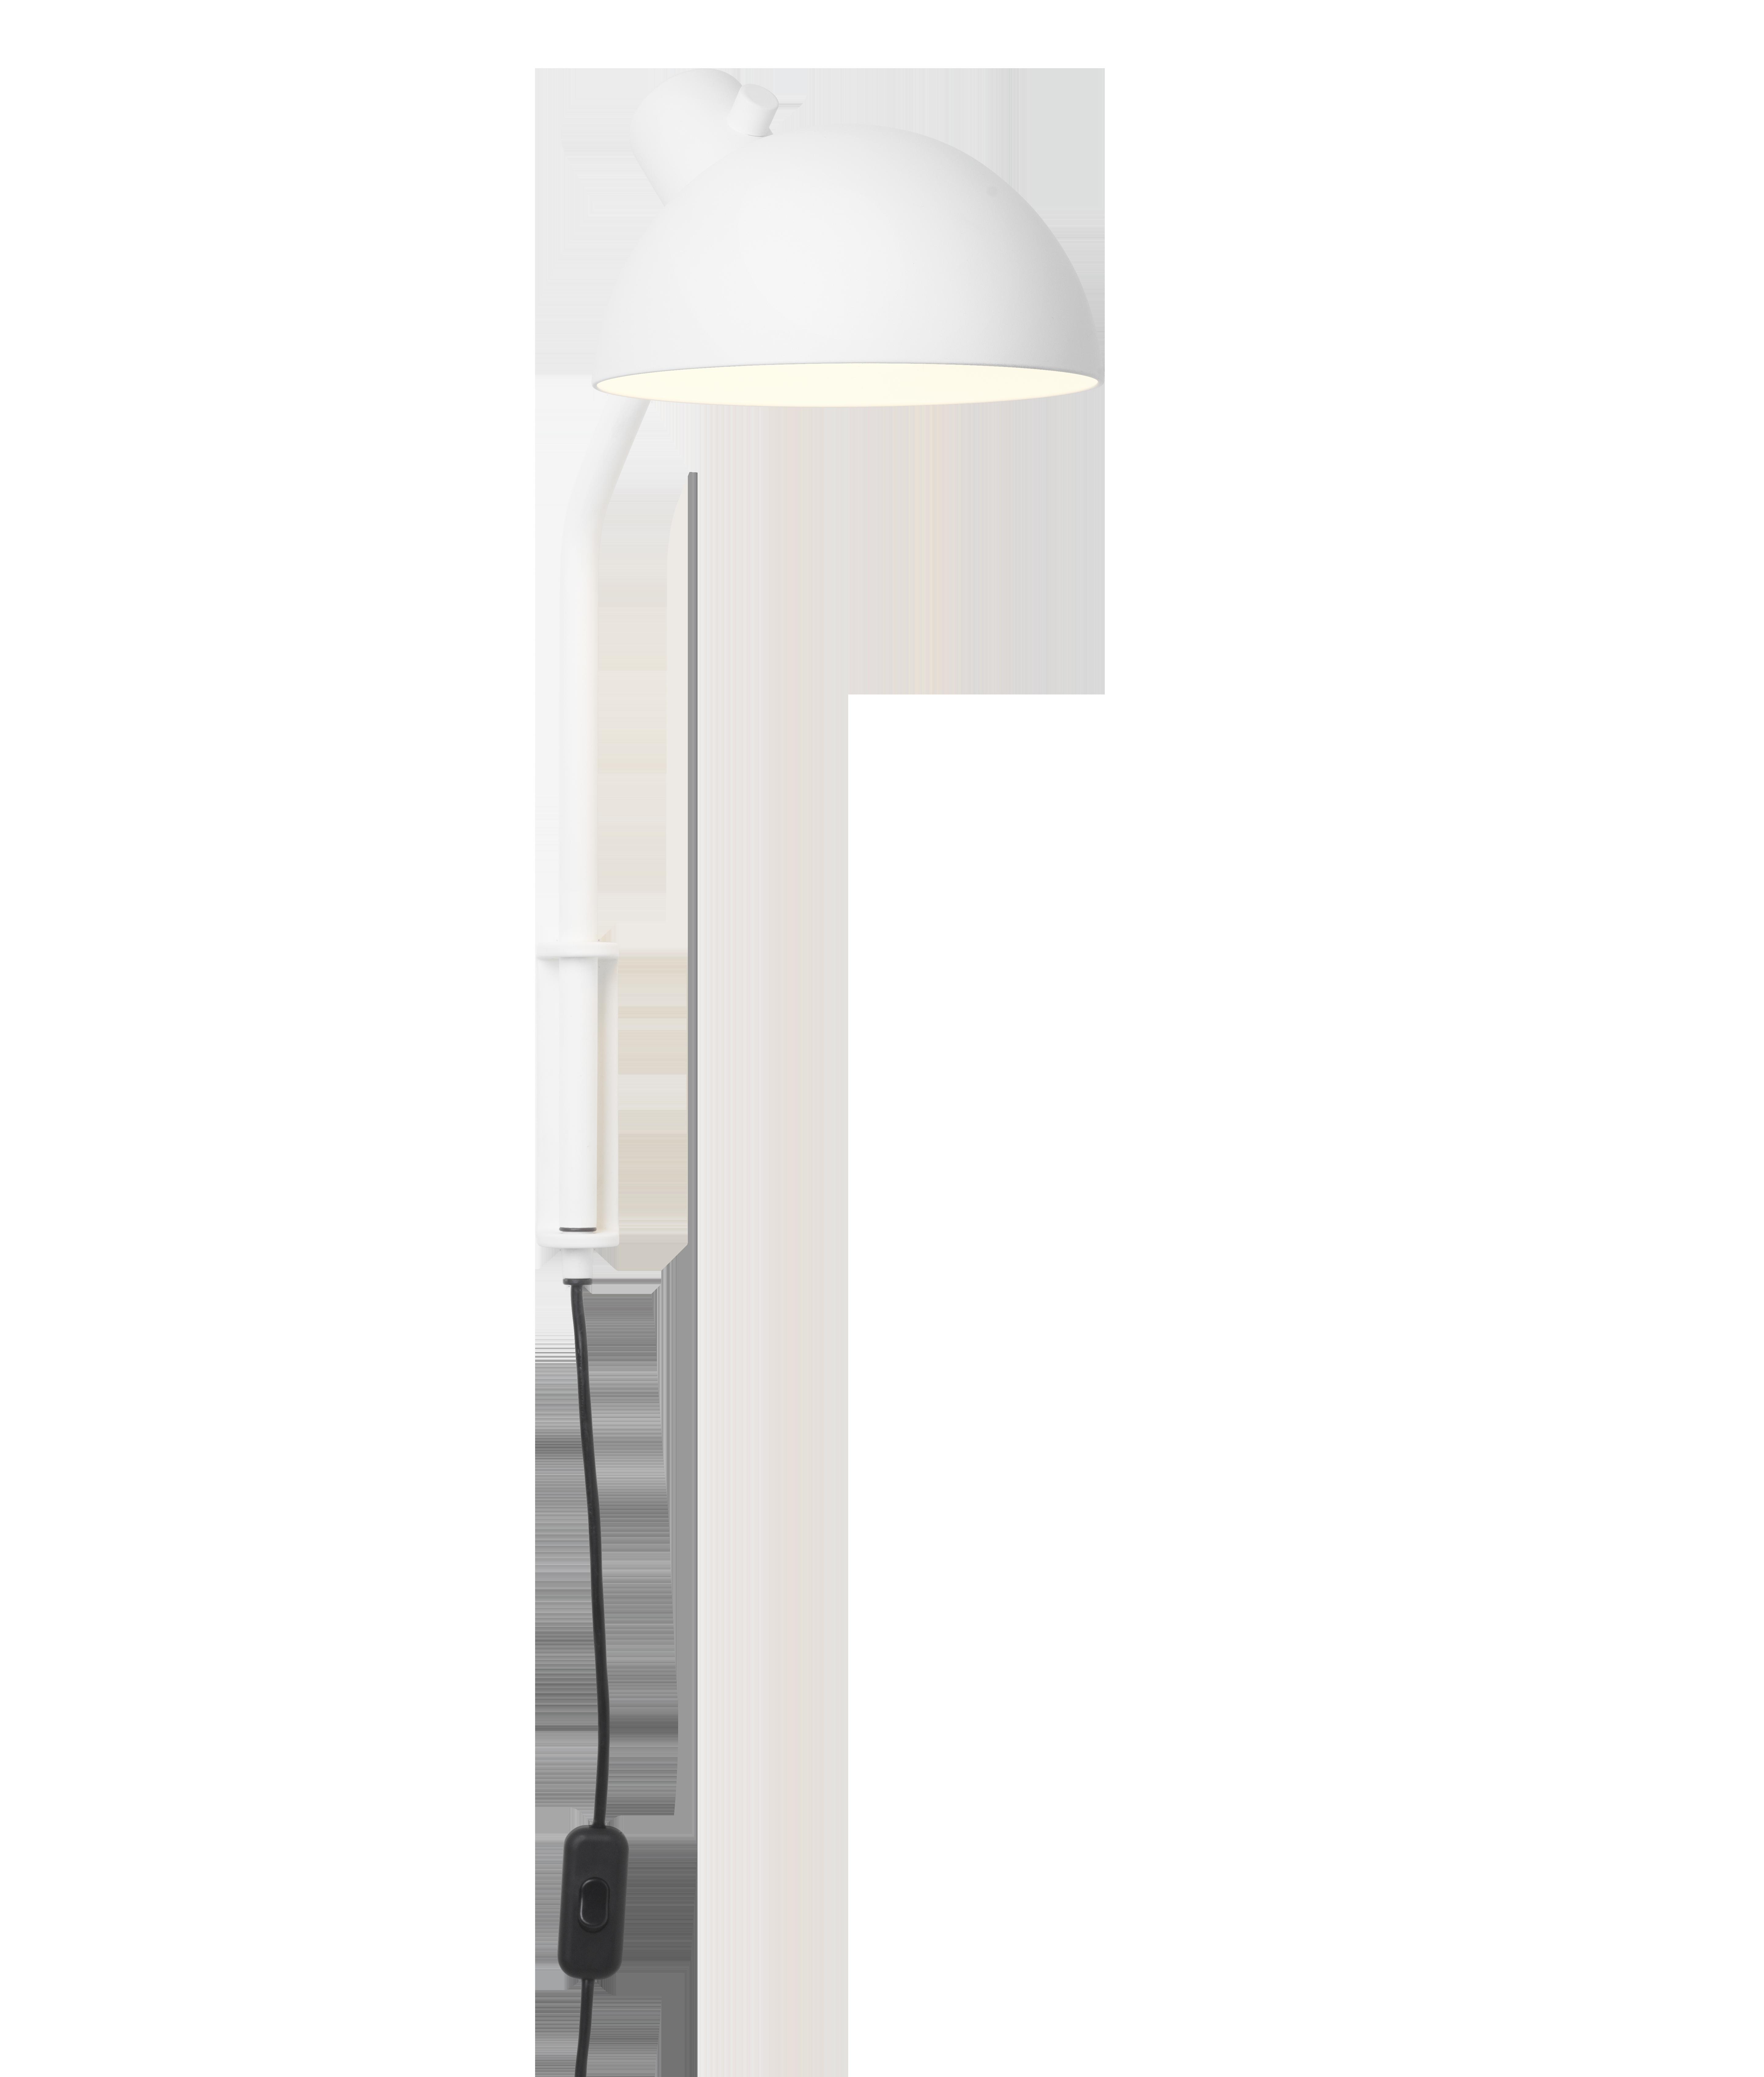 MO300 | Wall lamp